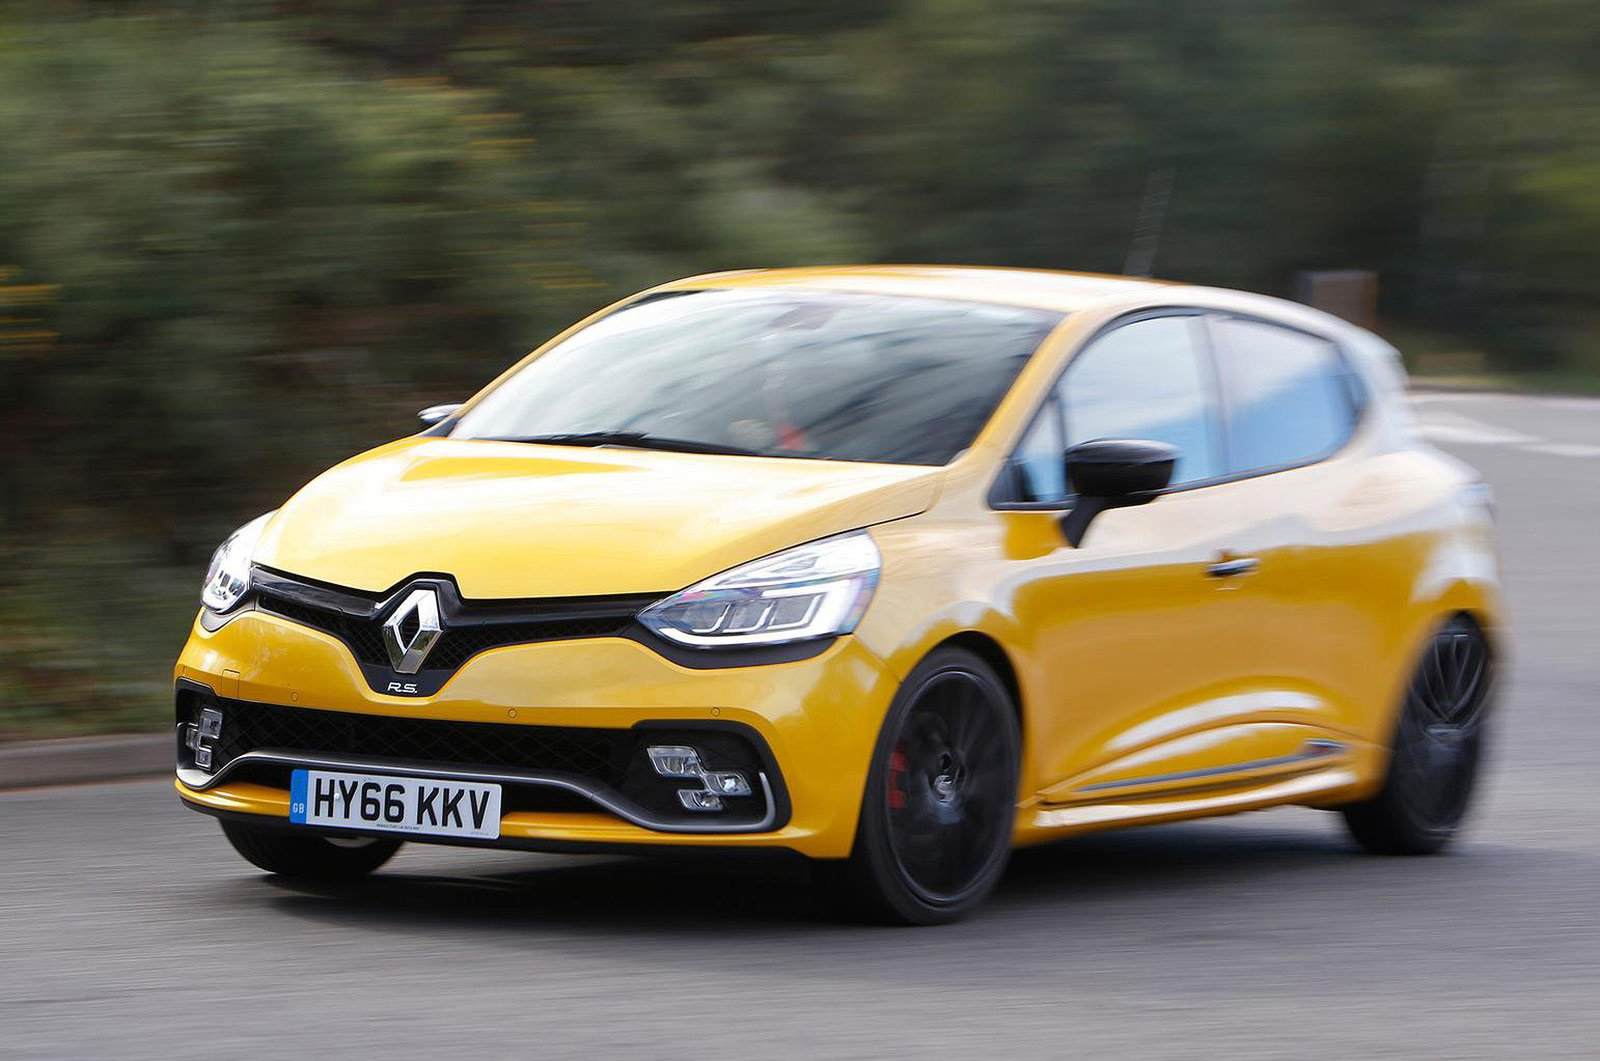 Renault Clio travelling fast round corner